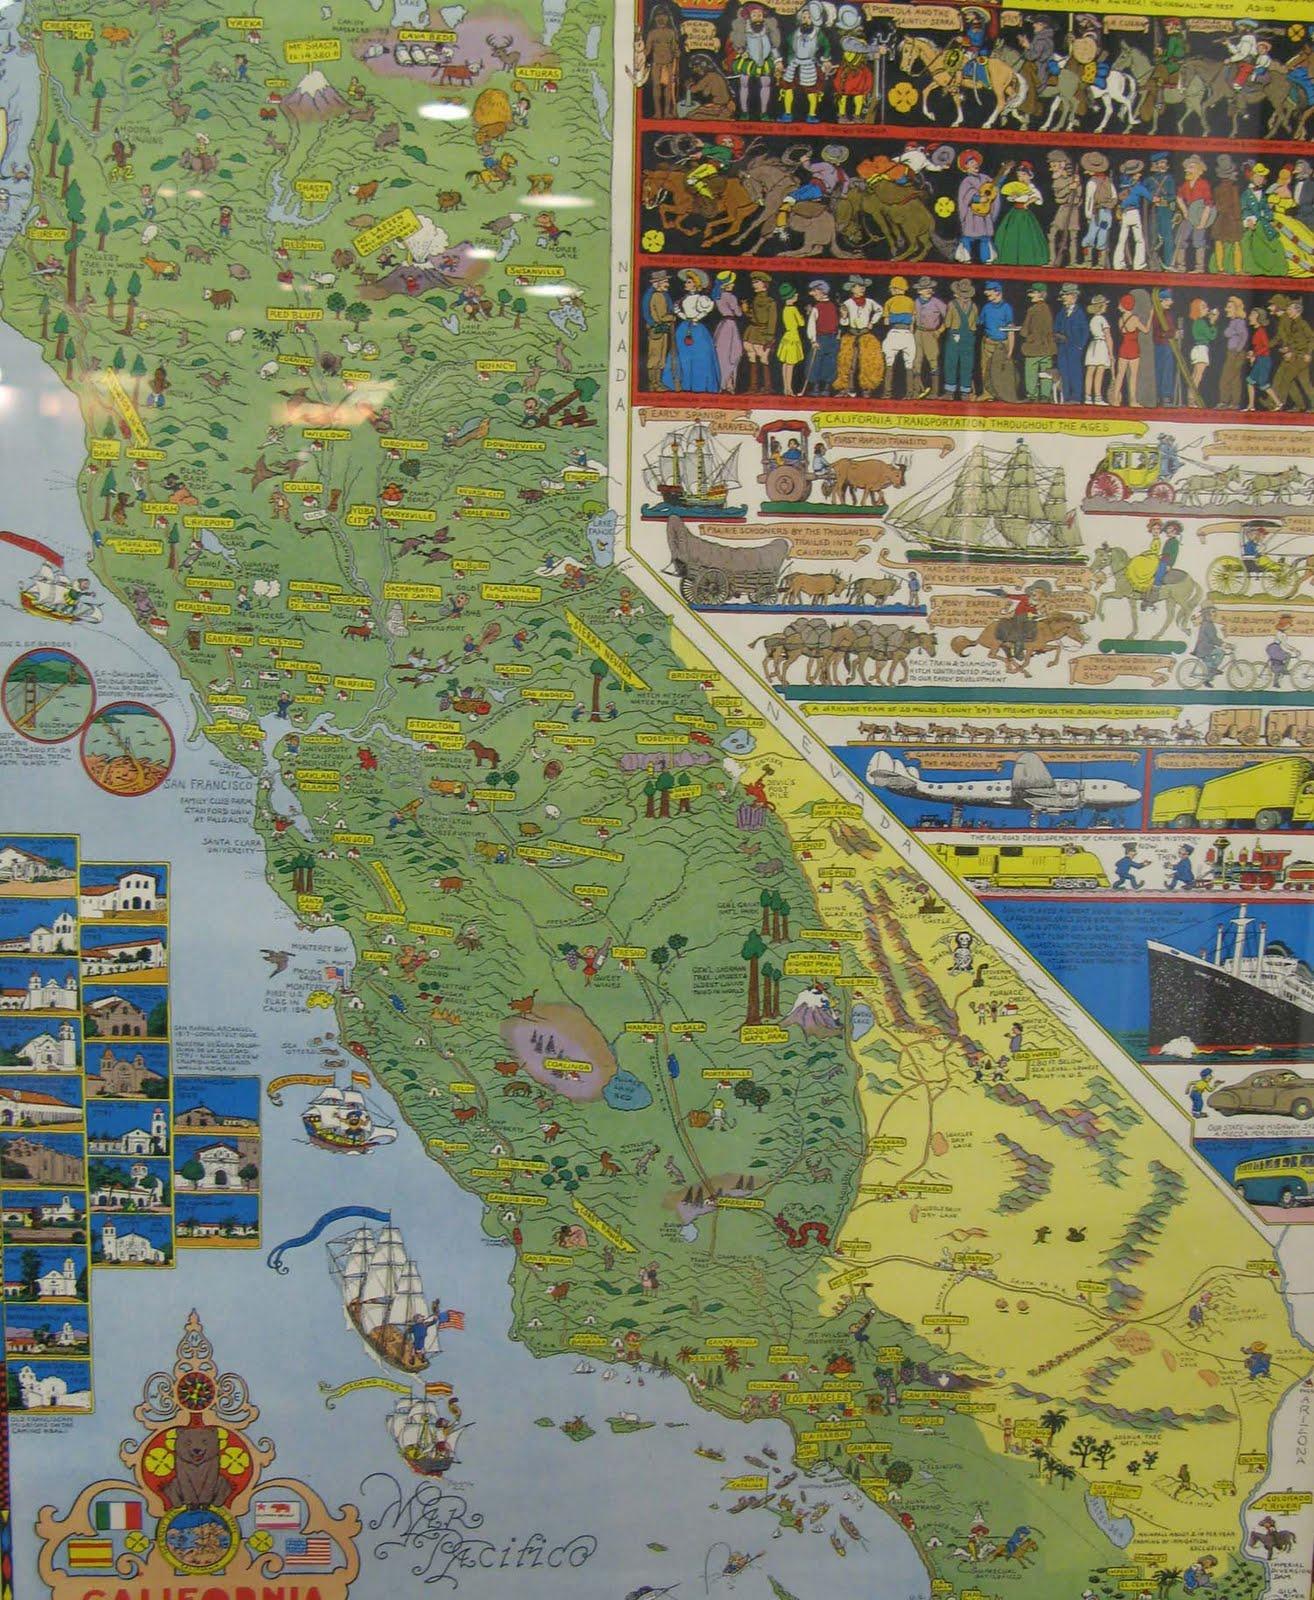 Csusm Map battle of kursk map